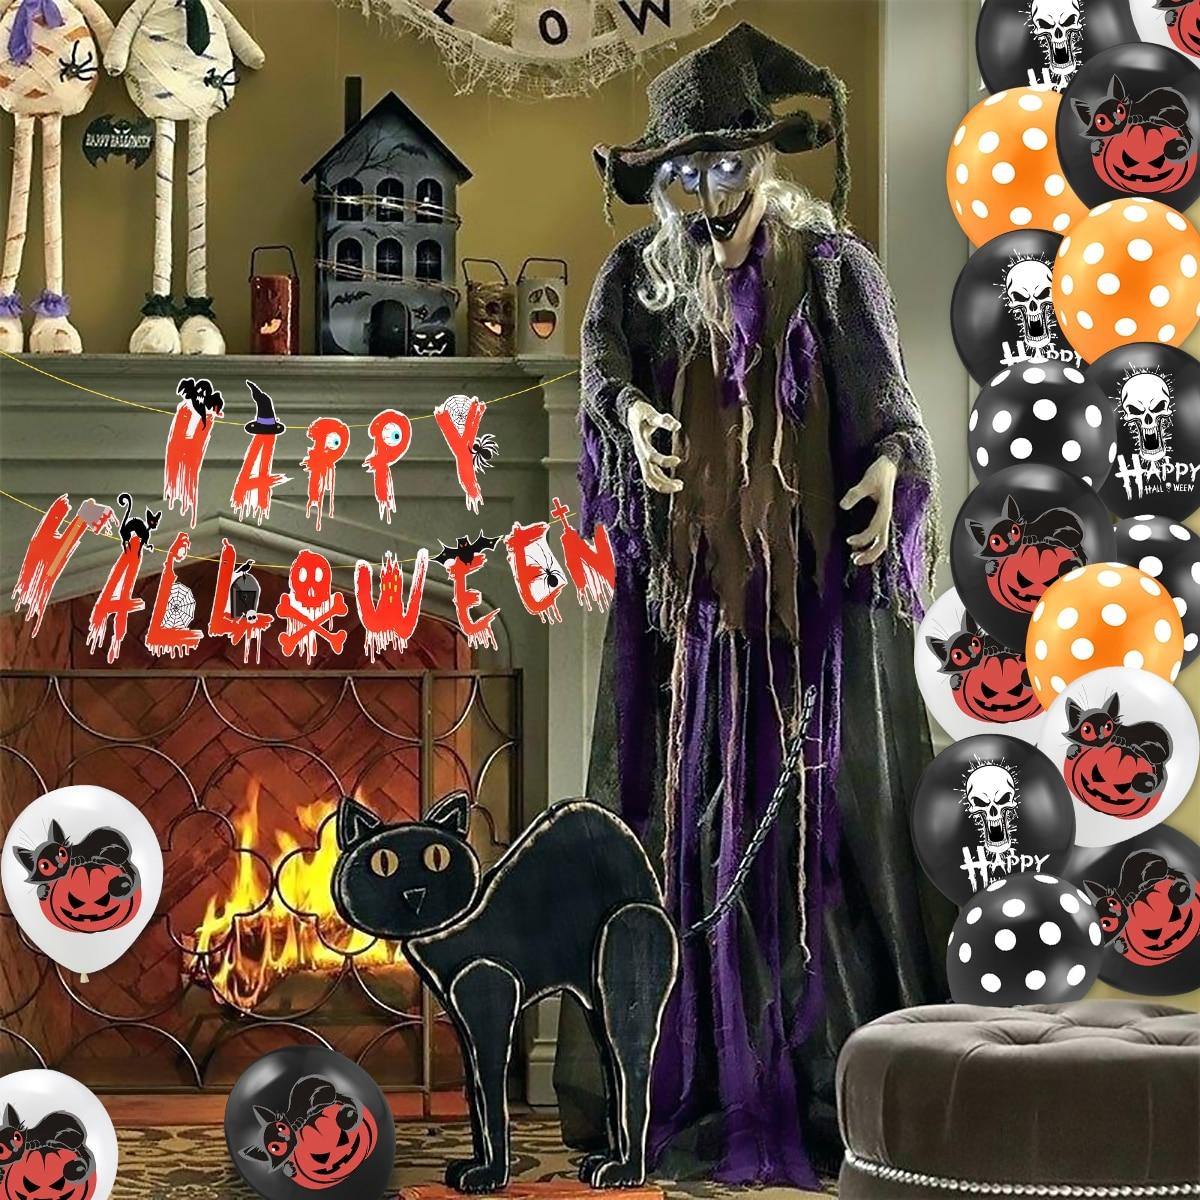 Happy Halloween Decor Set 10